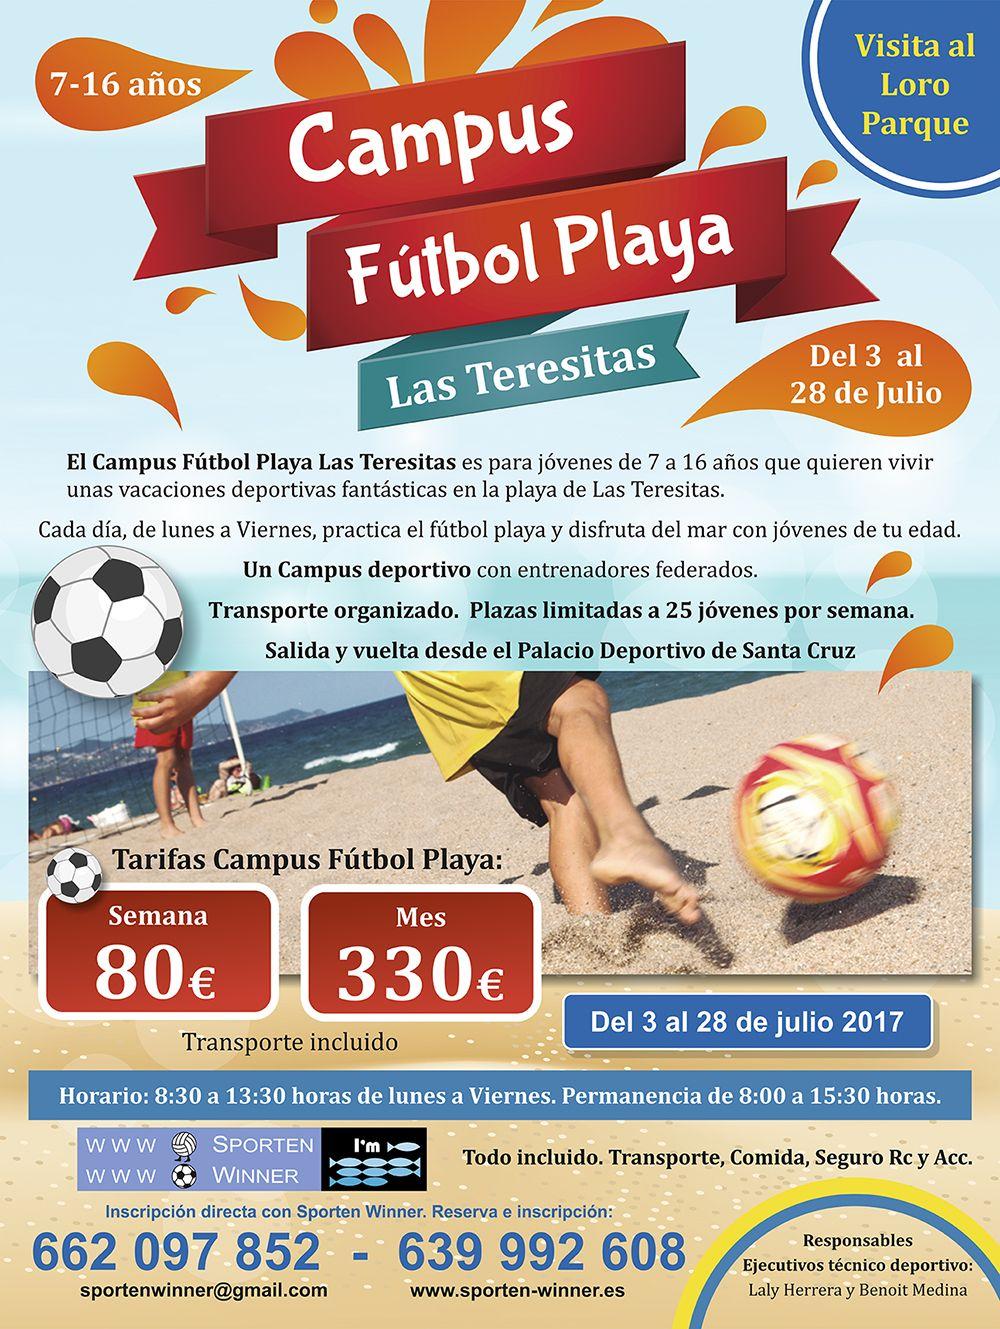 Campus fútbol Playa Las Teresitas (nuevo en 2017): Campamentos de Sporten Winner & Educación Activa